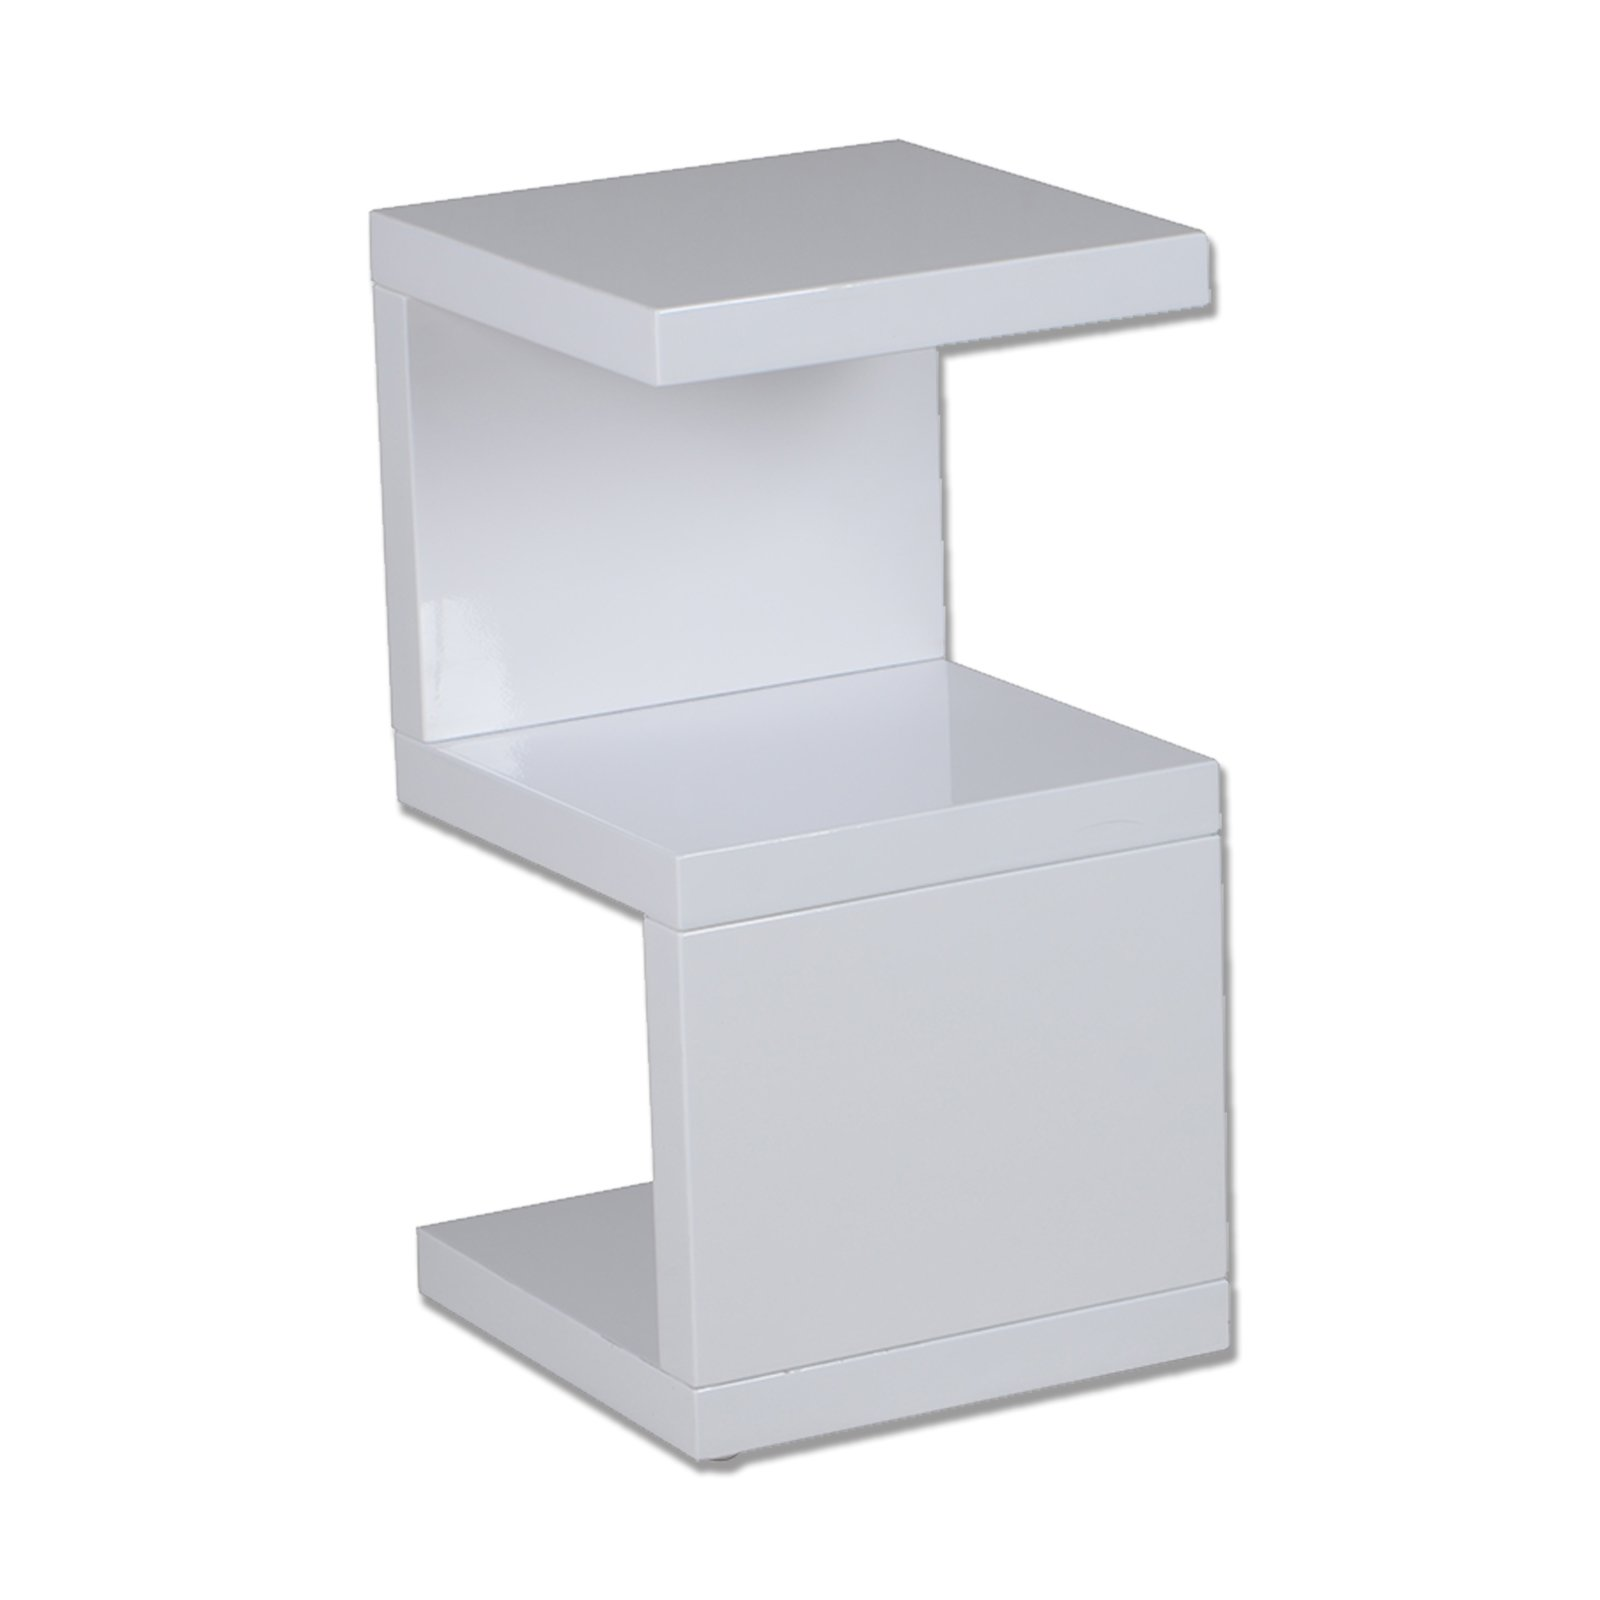 beistelltisch 70 cm hoch beistelltisch 70 cm hoch fermiplas decoration. Black Bedroom Furniture Sets. Home Design Ideas